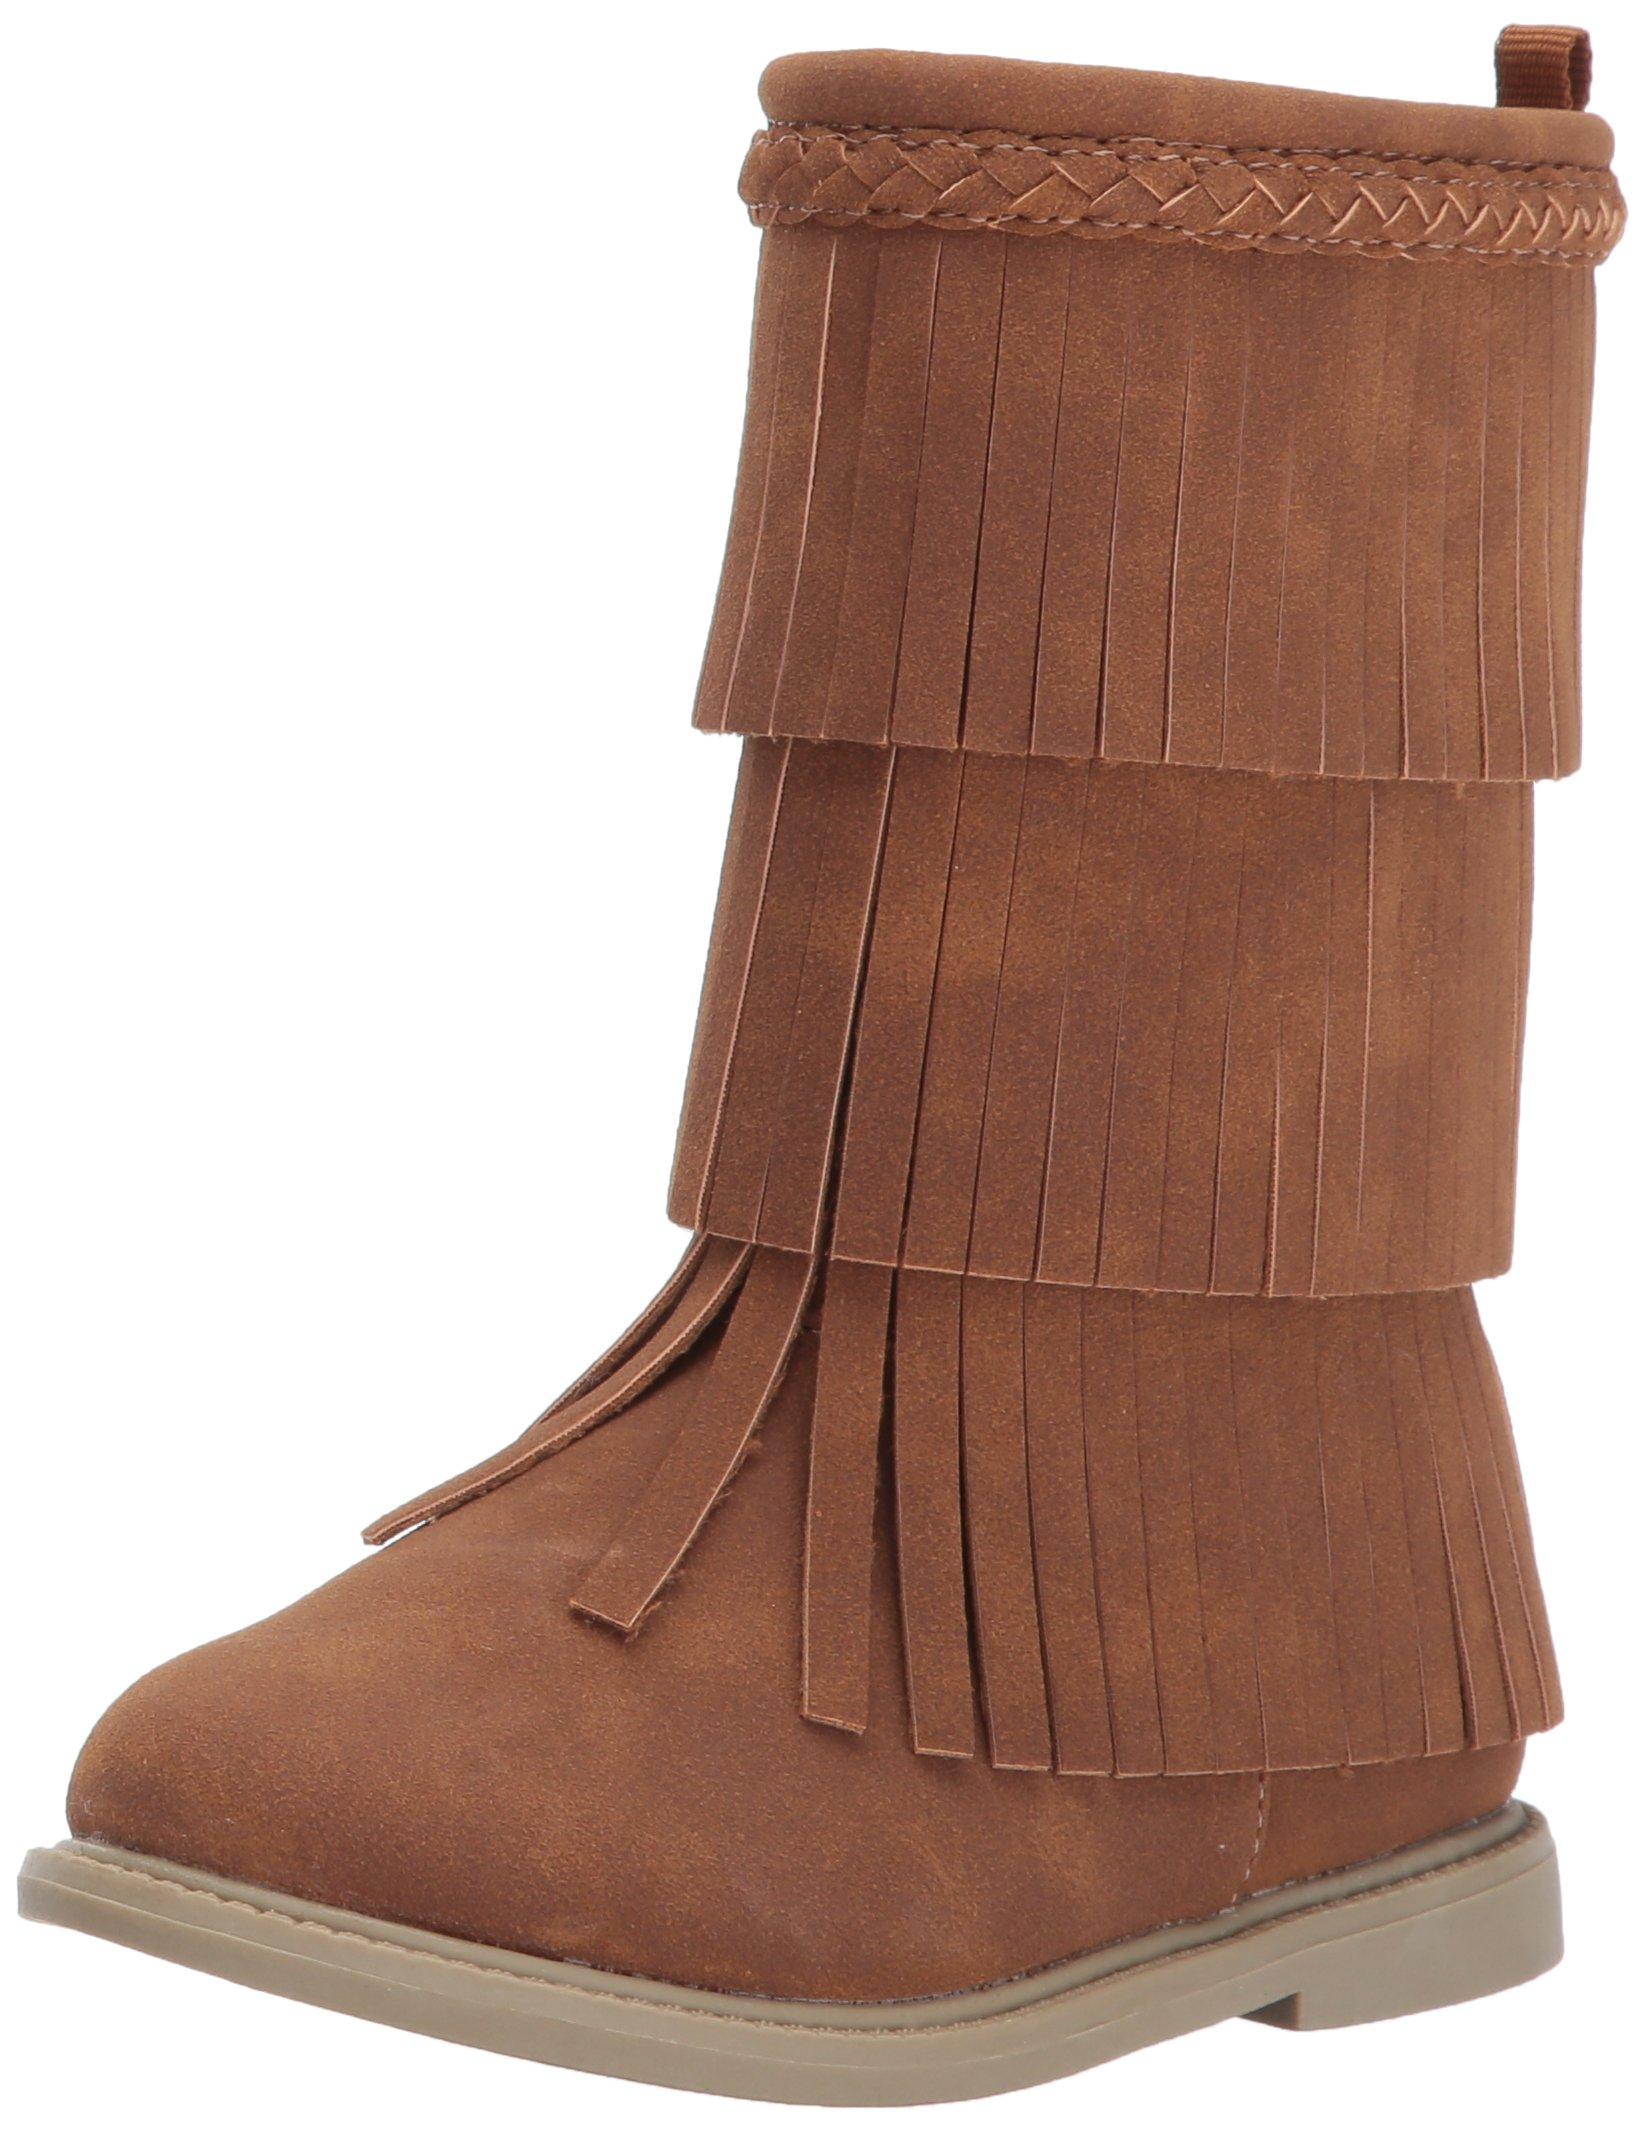 Carter's Girls' Toka Fashion Boot, Brown, 10 M US Toddler